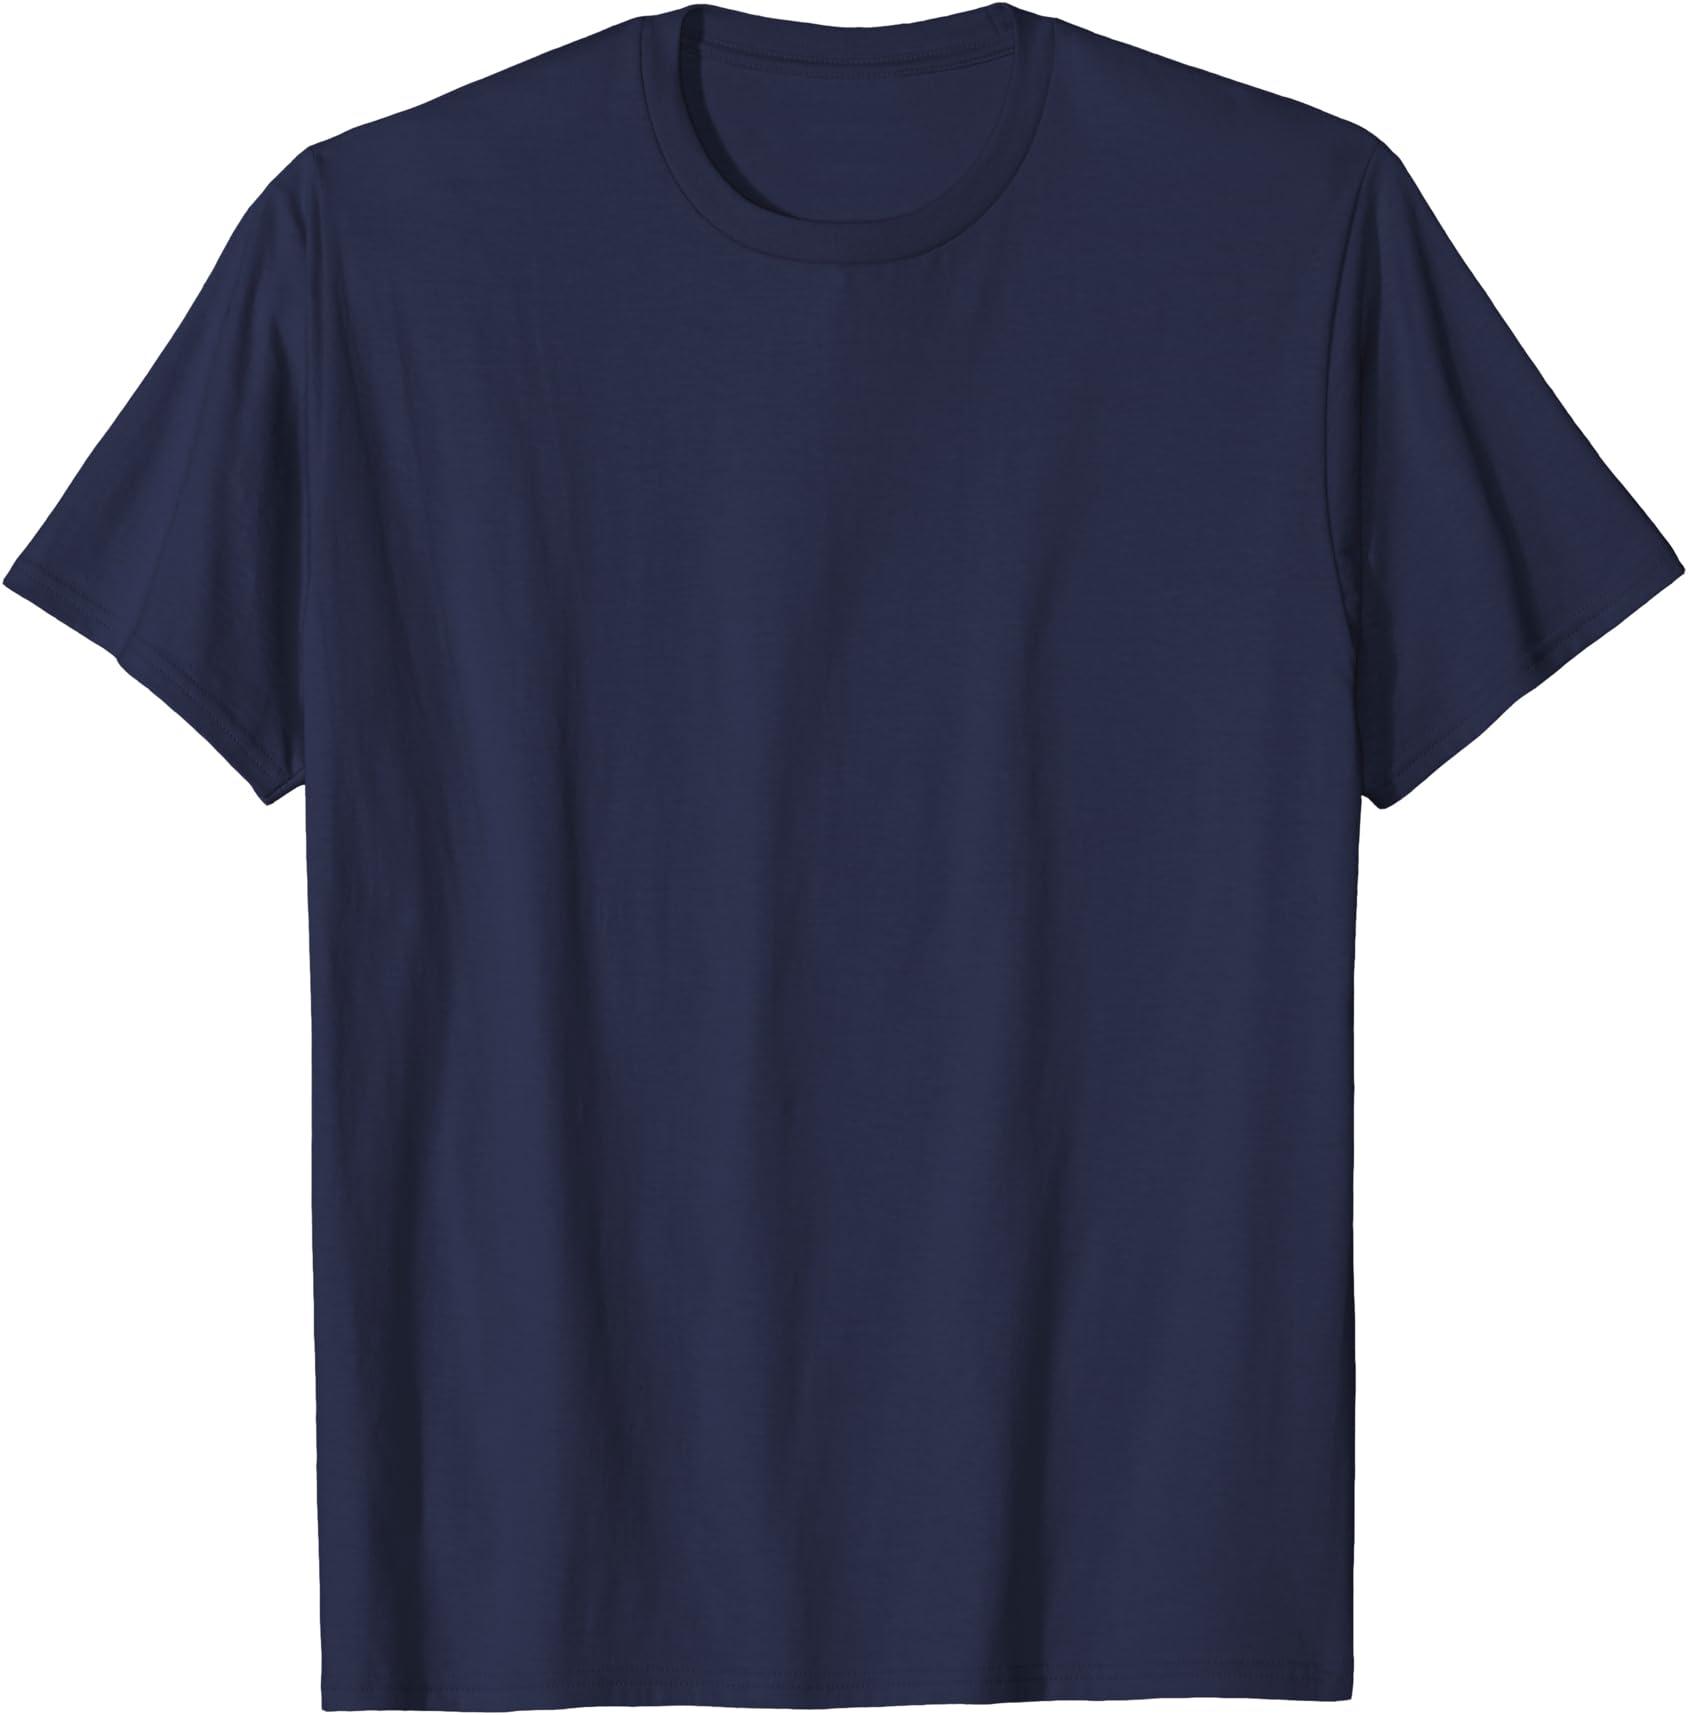 Clothing Tee Shirt Lets Ukulele Shirt